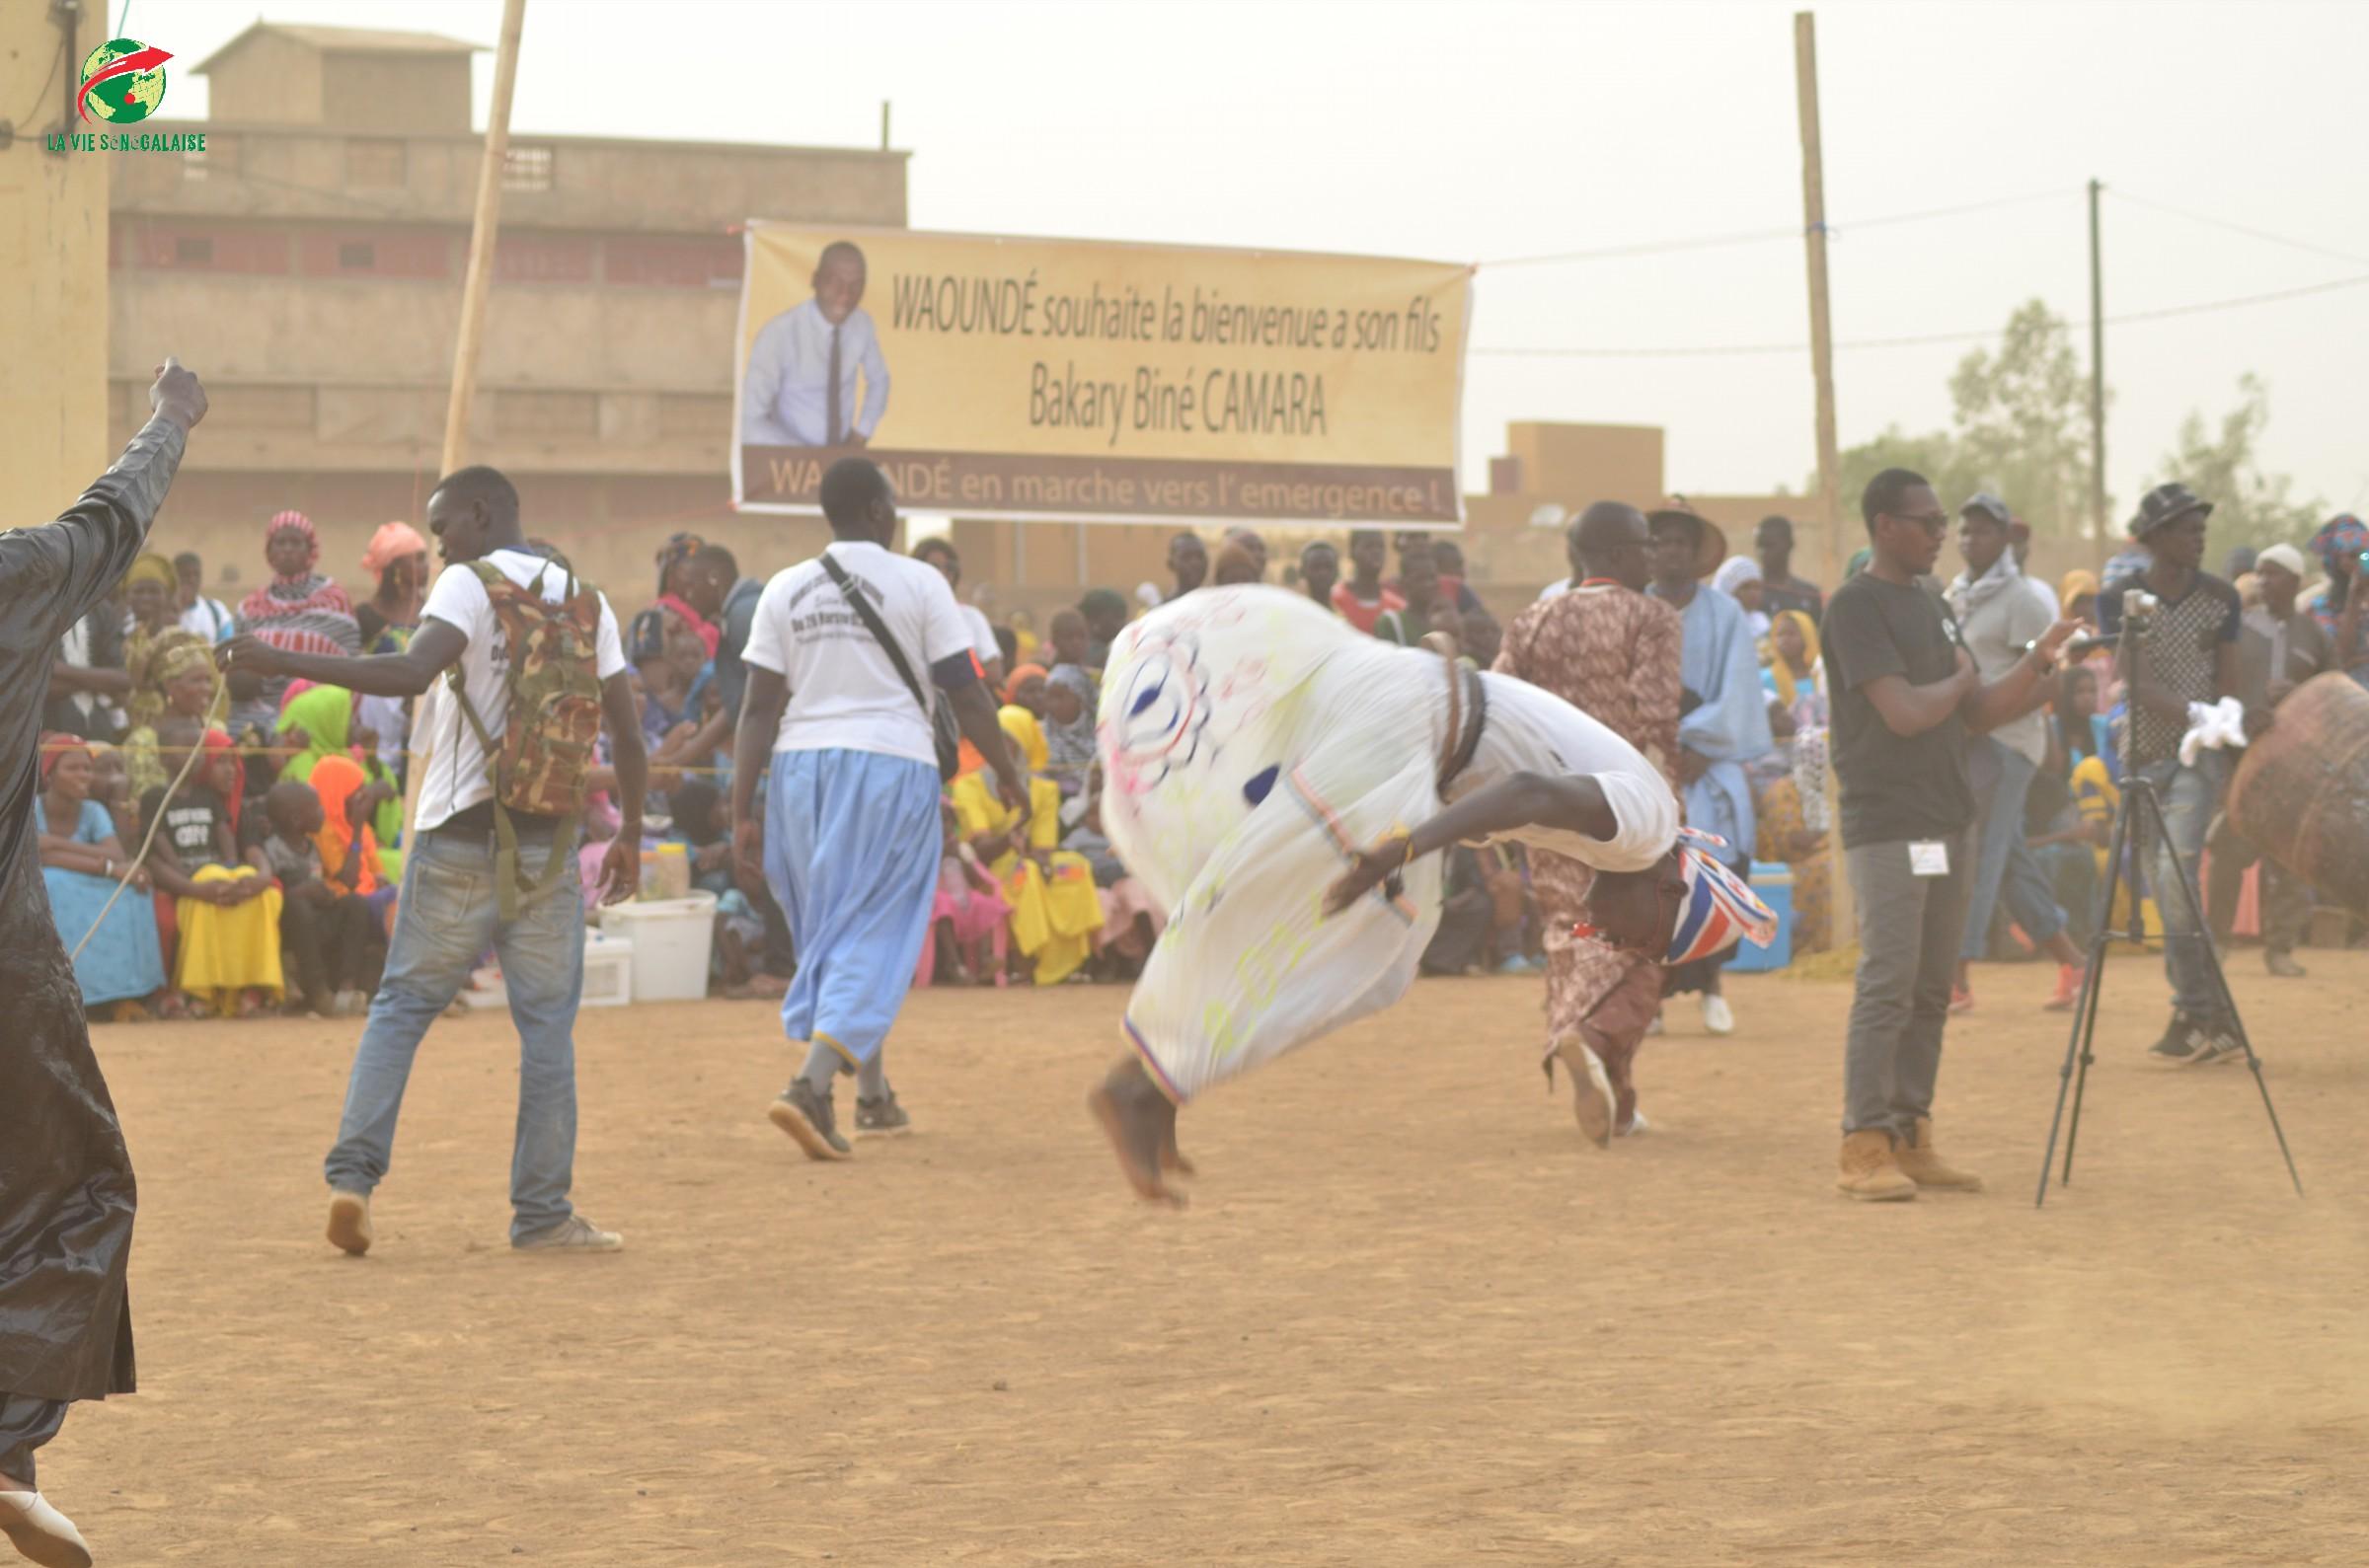 Journées Culturelles Waoundé, Parrain Bakary Biné Camara, Images de laviesenegalaise (23)